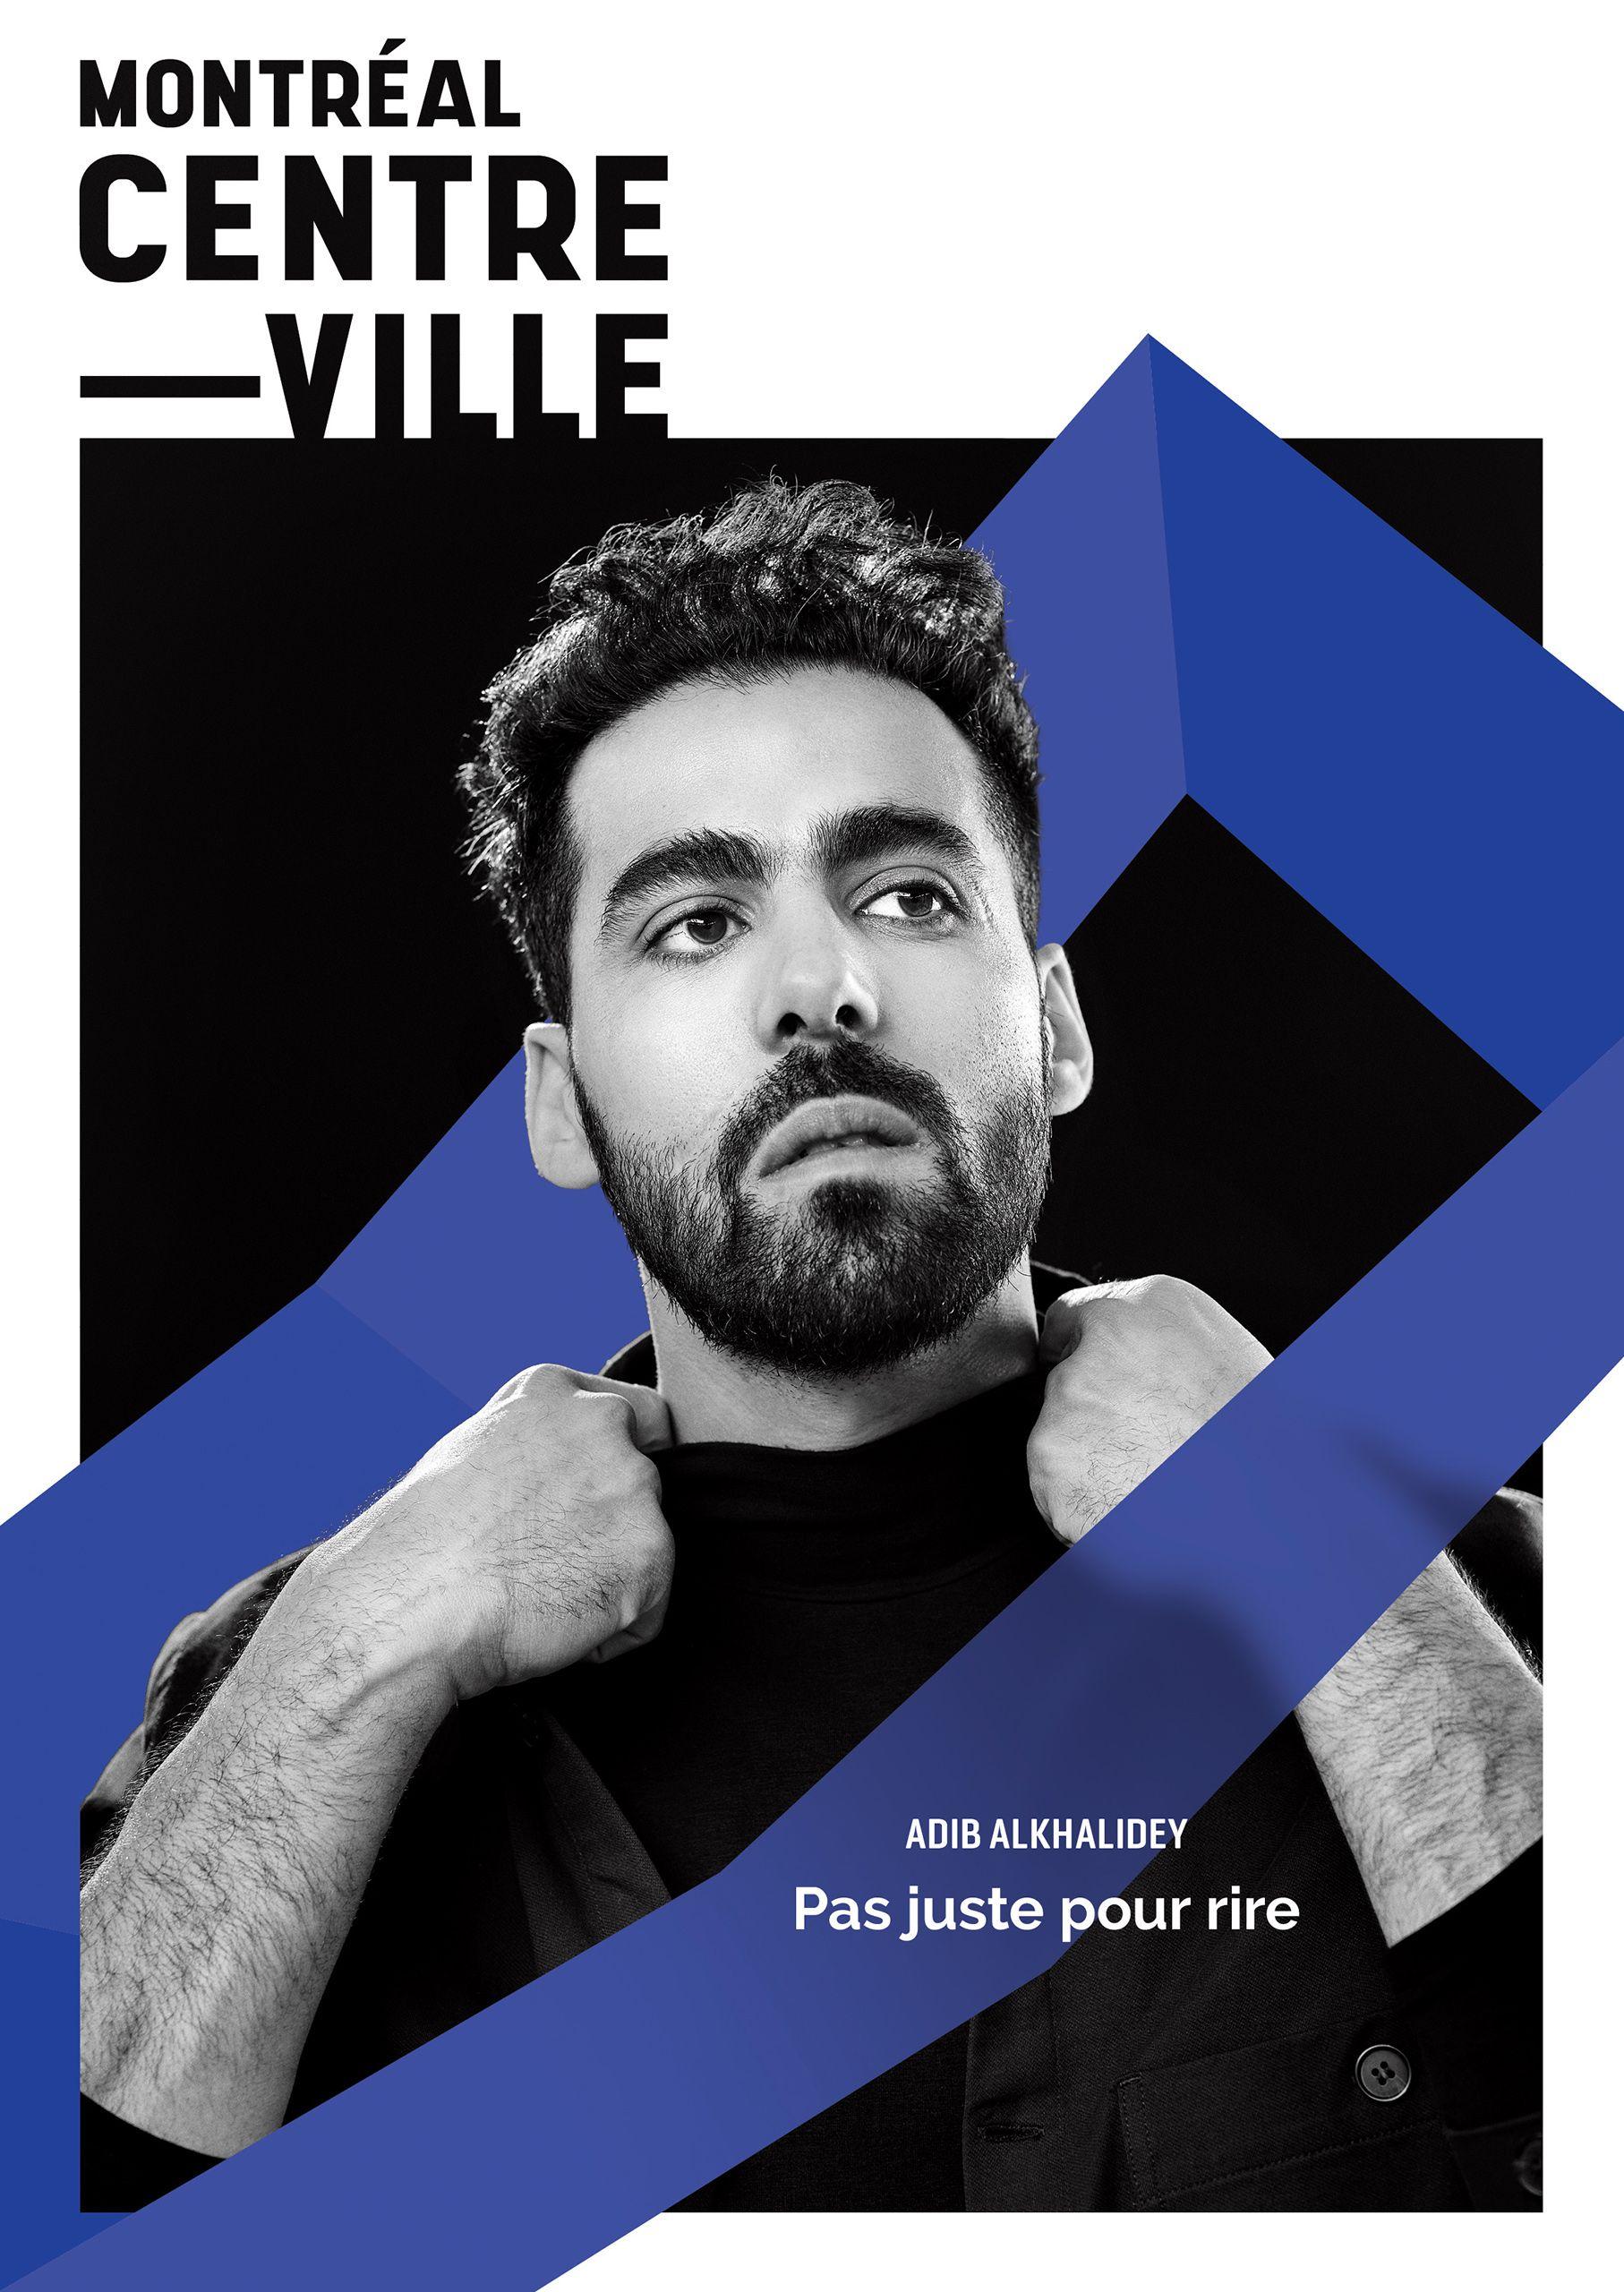 Portrait en noir et blanc d'Adib Alkhalidey pour le magazine Downtown Montreal avec un design graphique d'une ligne bleue et des titres.